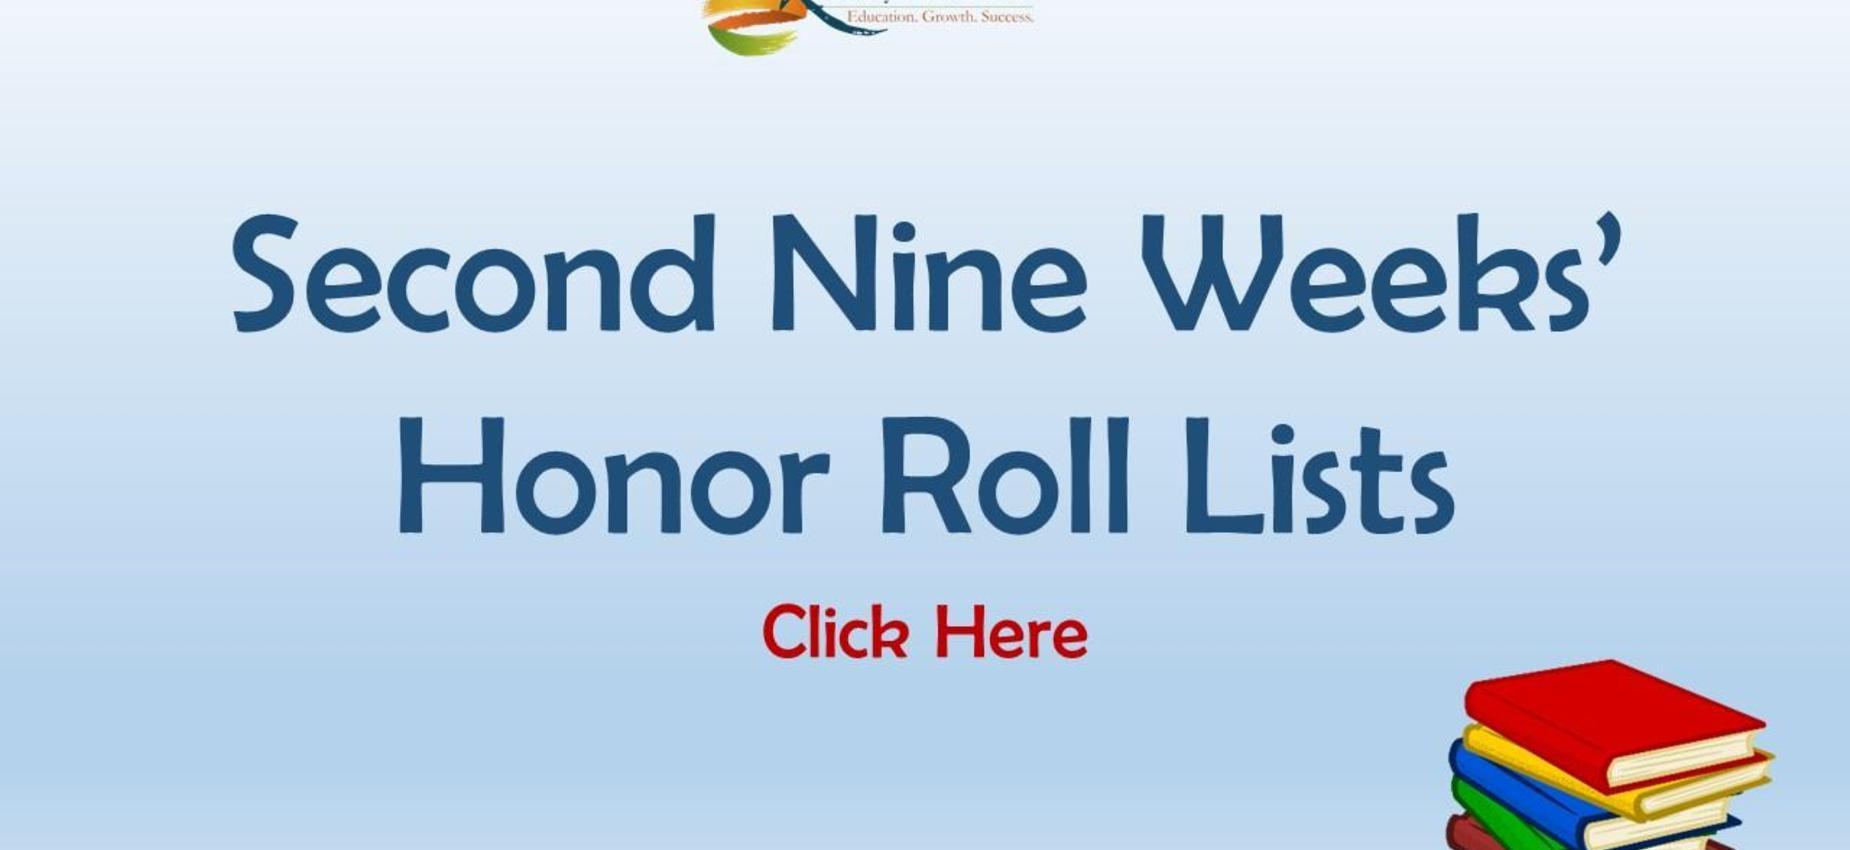 2nd Nine Weeks' Honor Roll Lists